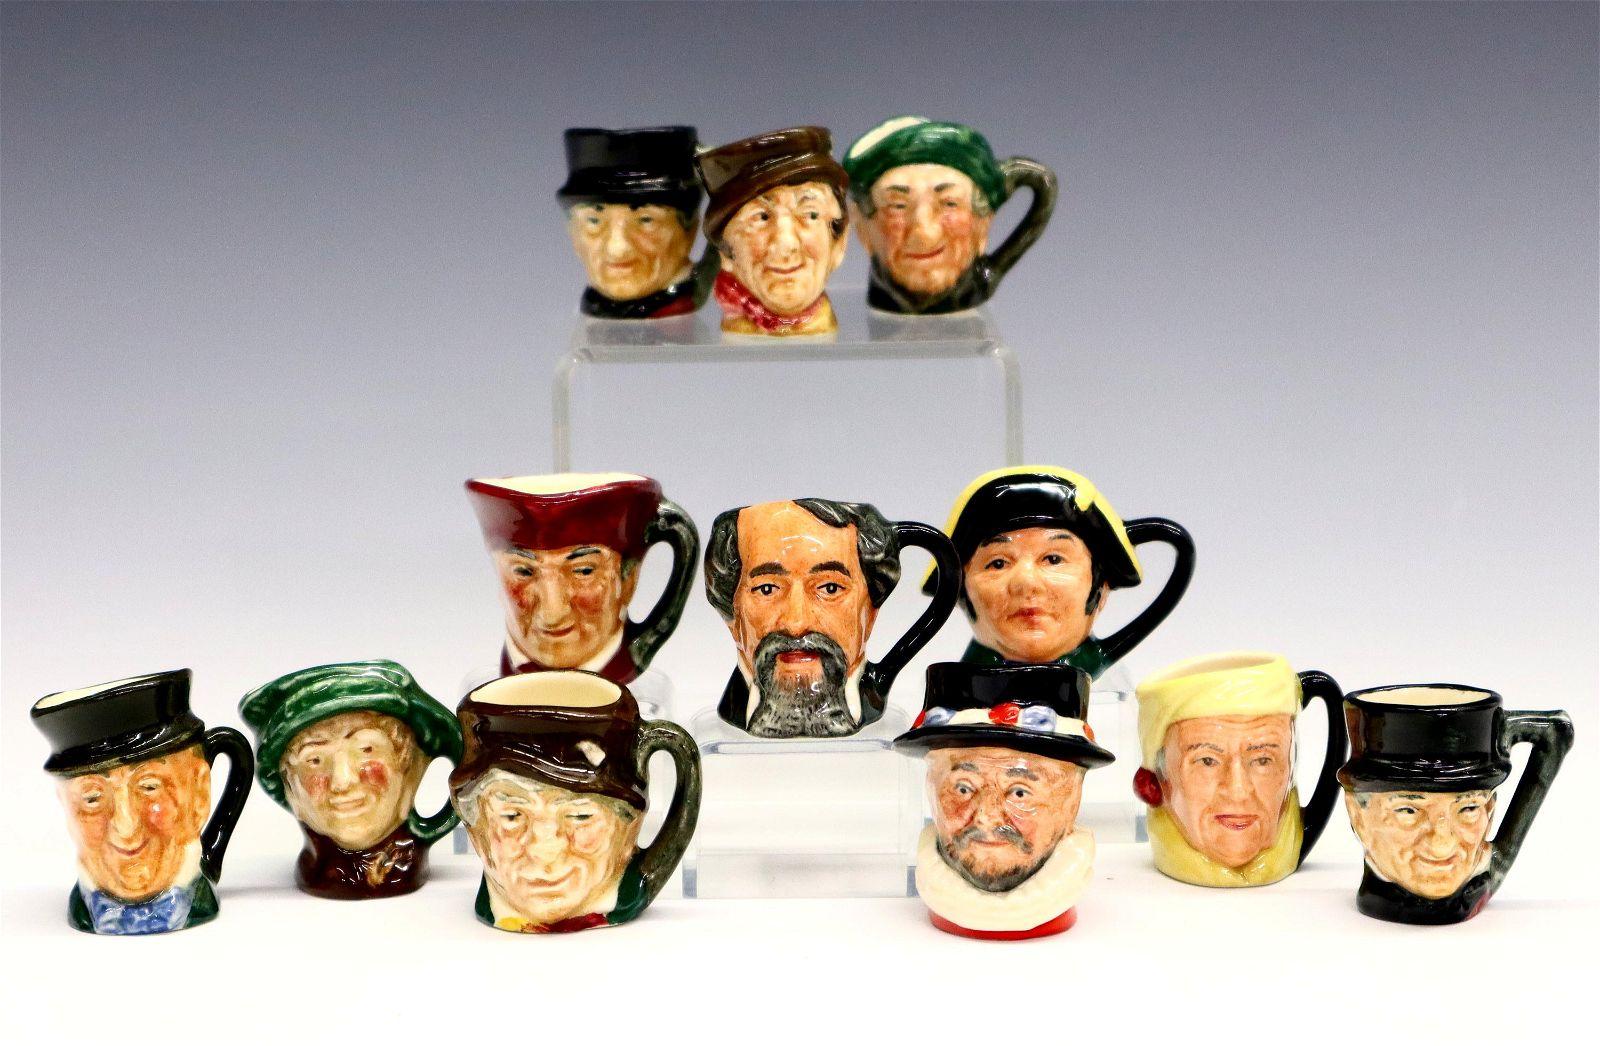 Royal Doulton Character Thimble Mugs